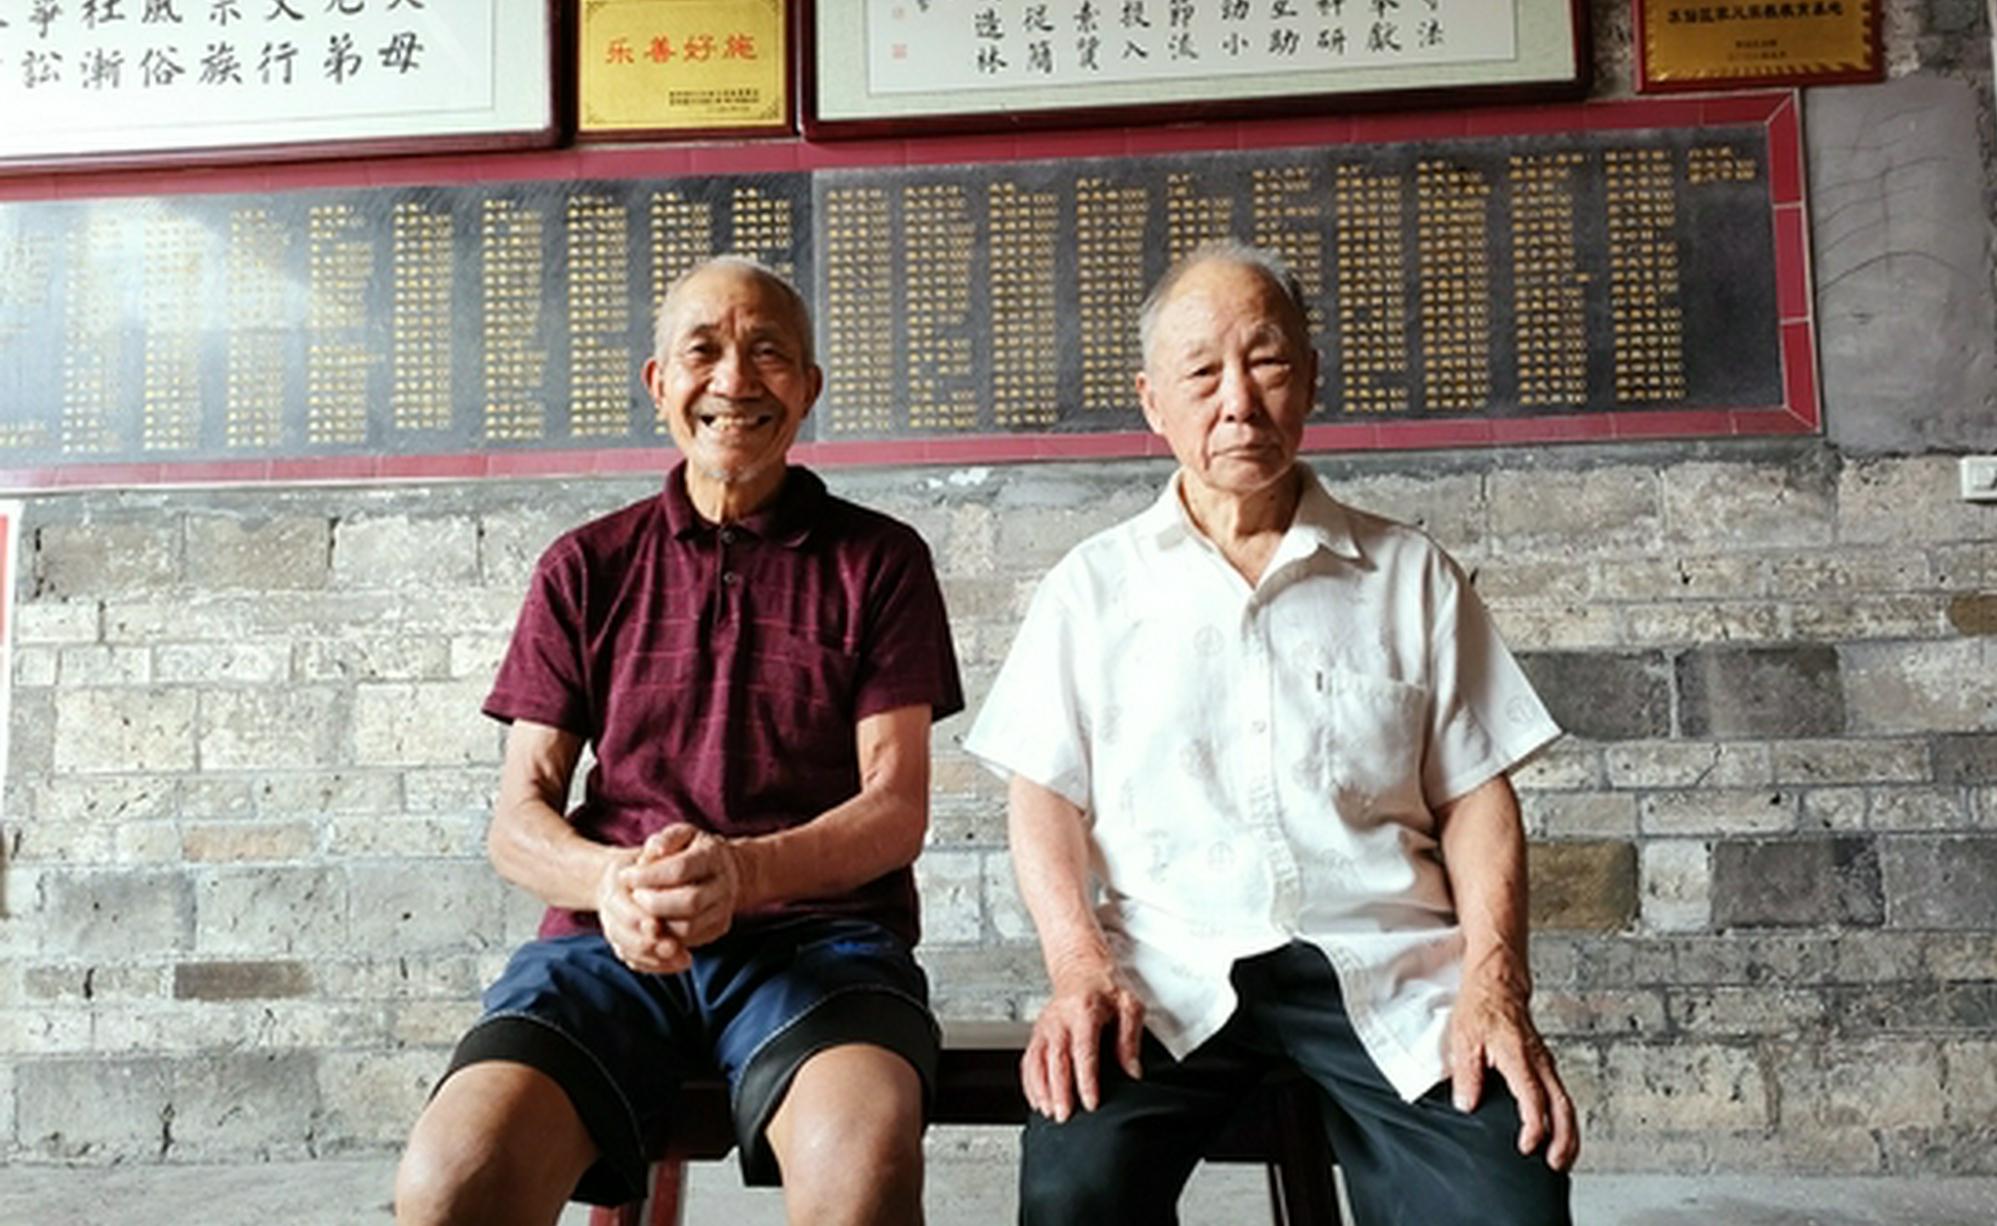 揭秘百年粤汉铁路丨为了修铁路,砍了守护村庄百余年的3000棵